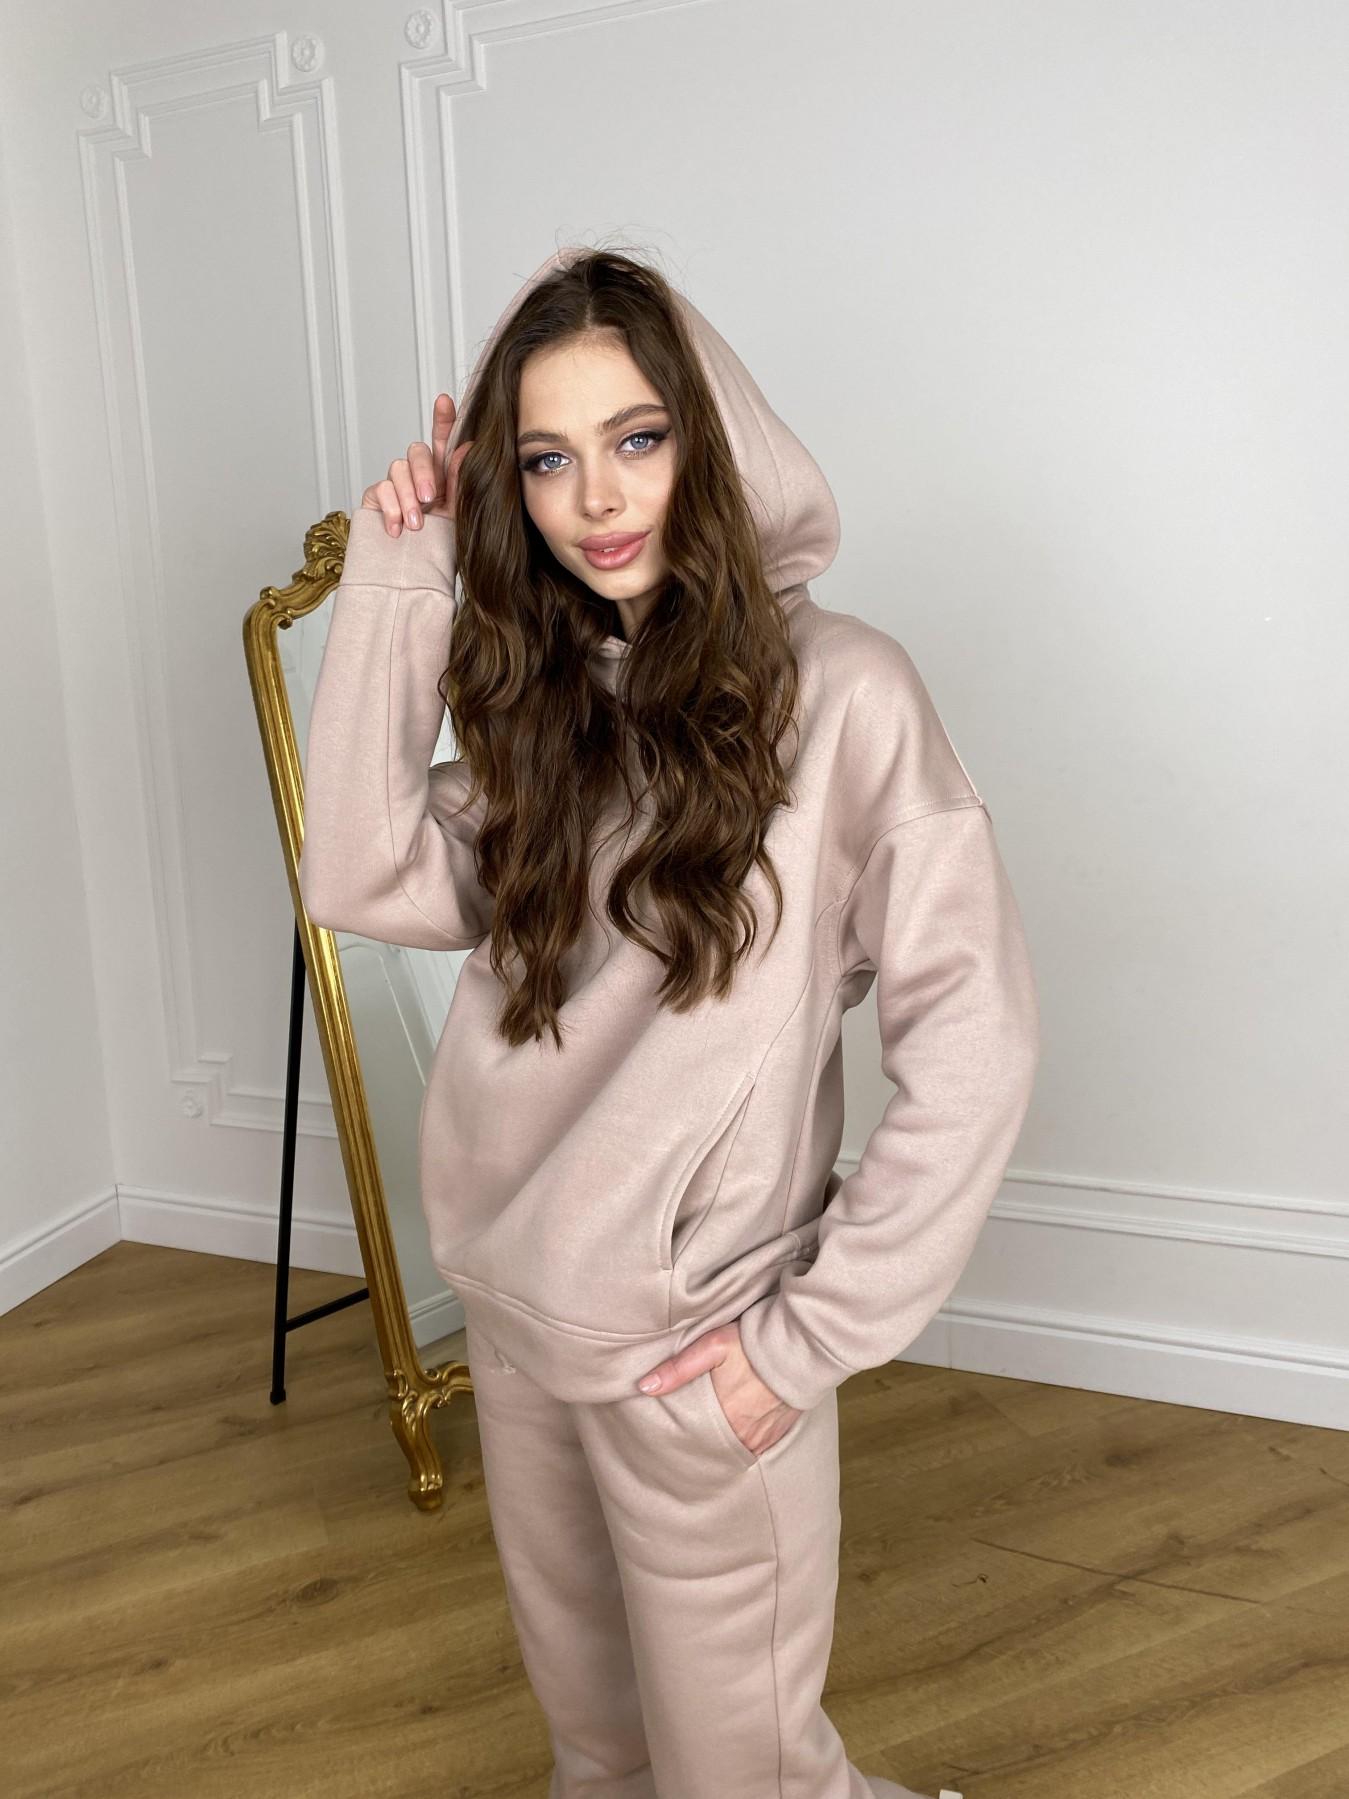 Женская одежда оптом Украина Modus МДС Hot костюм с начесом 3х нитка  10519